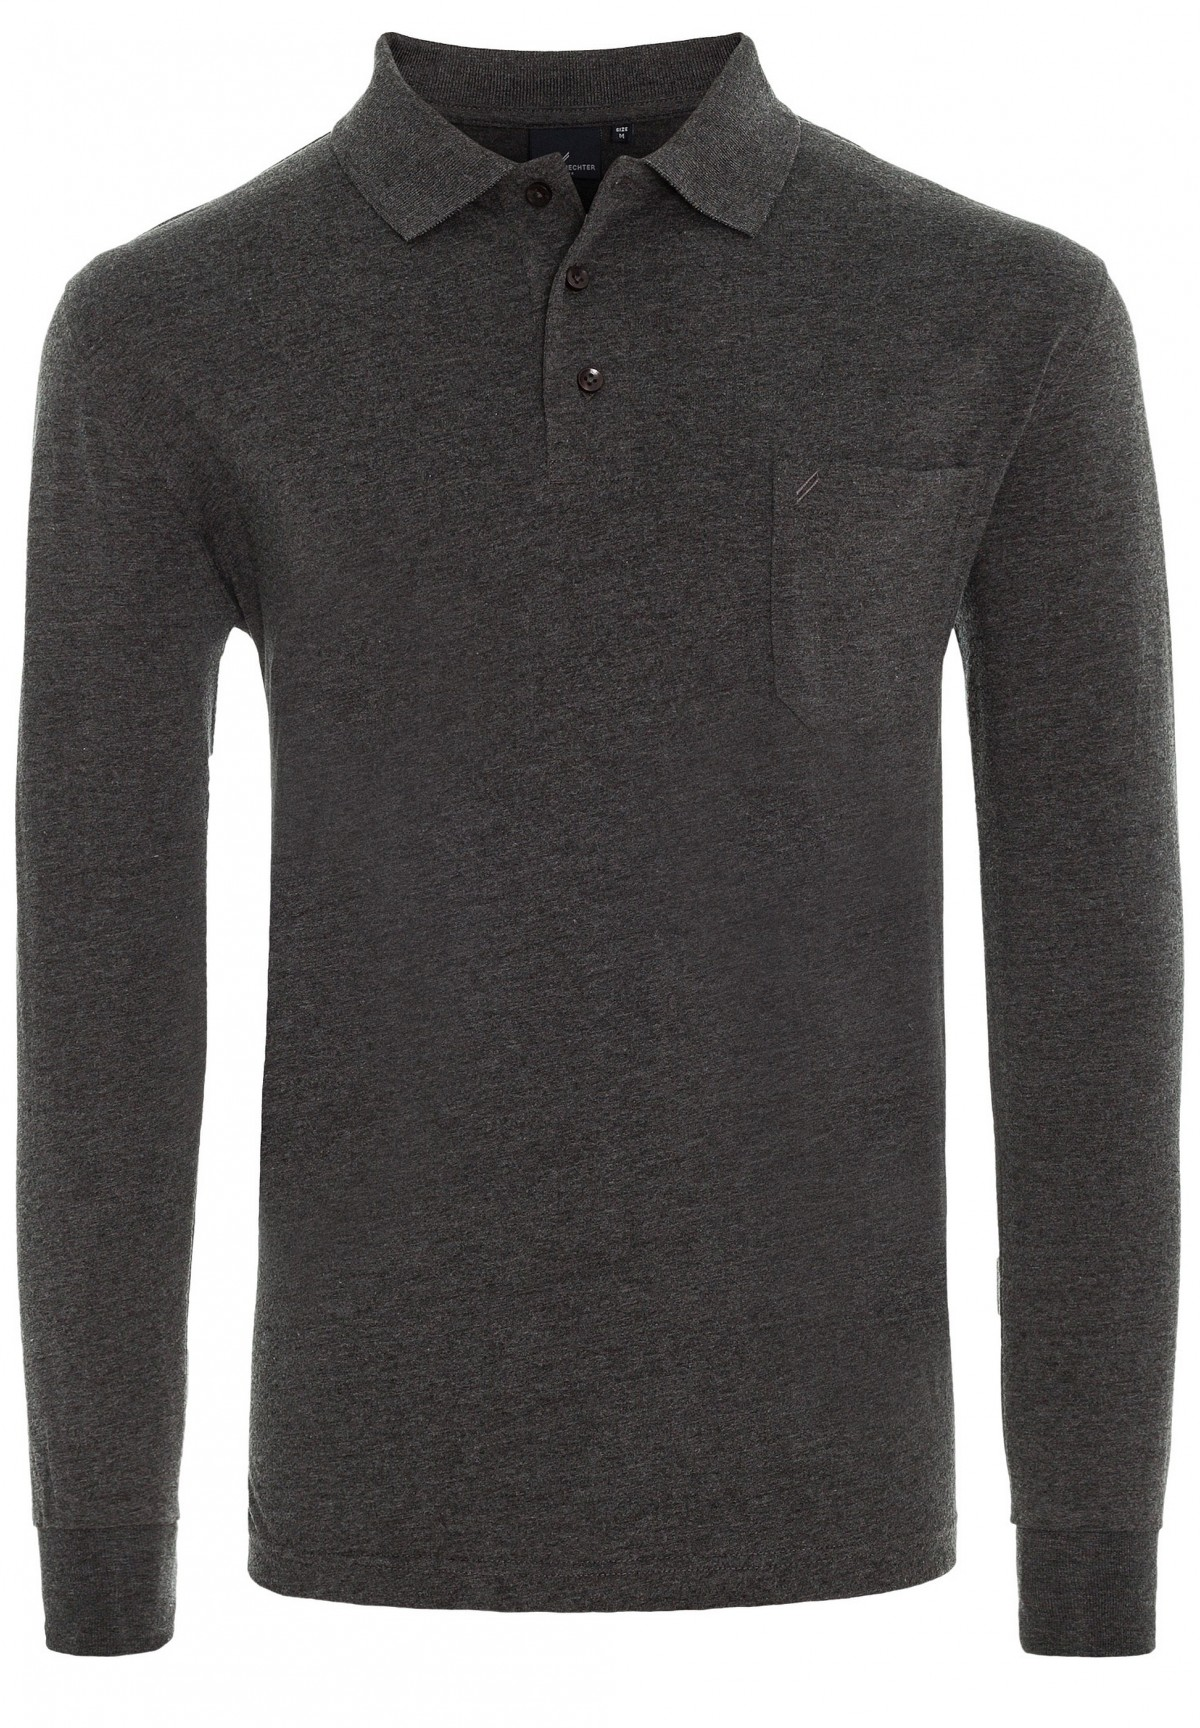 Essential-Poloshirt / POLO LONGSLEEVE